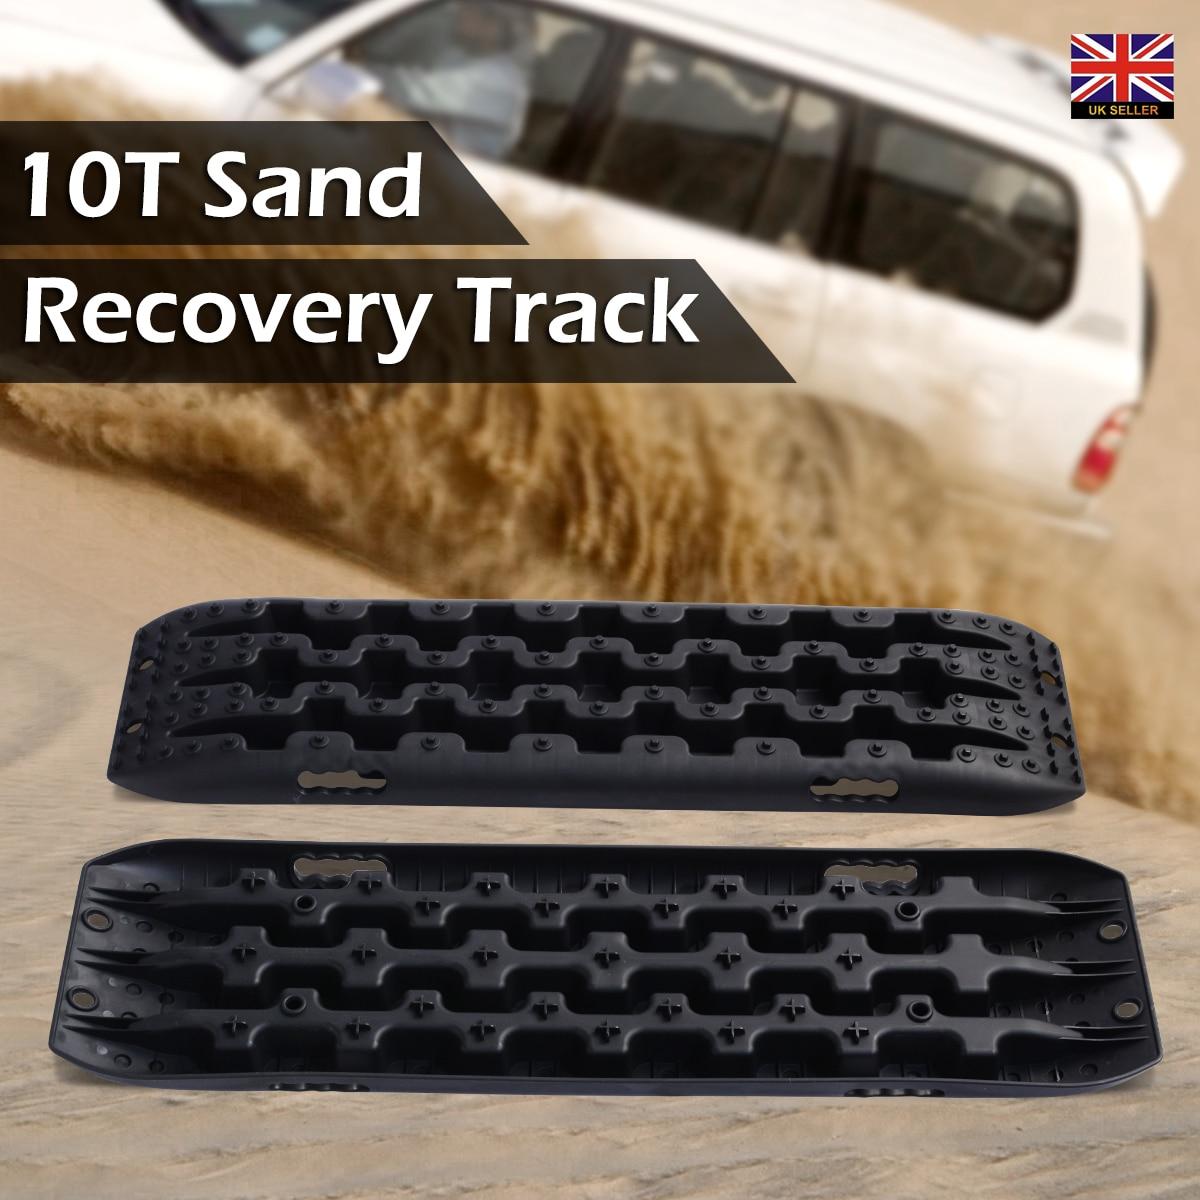 2 adet siyah kurtarma kurulu kum çamur kar parçaları lastik merdiveni için Fit off road aracı araba kurtarma parçaları 106x30x5 cm